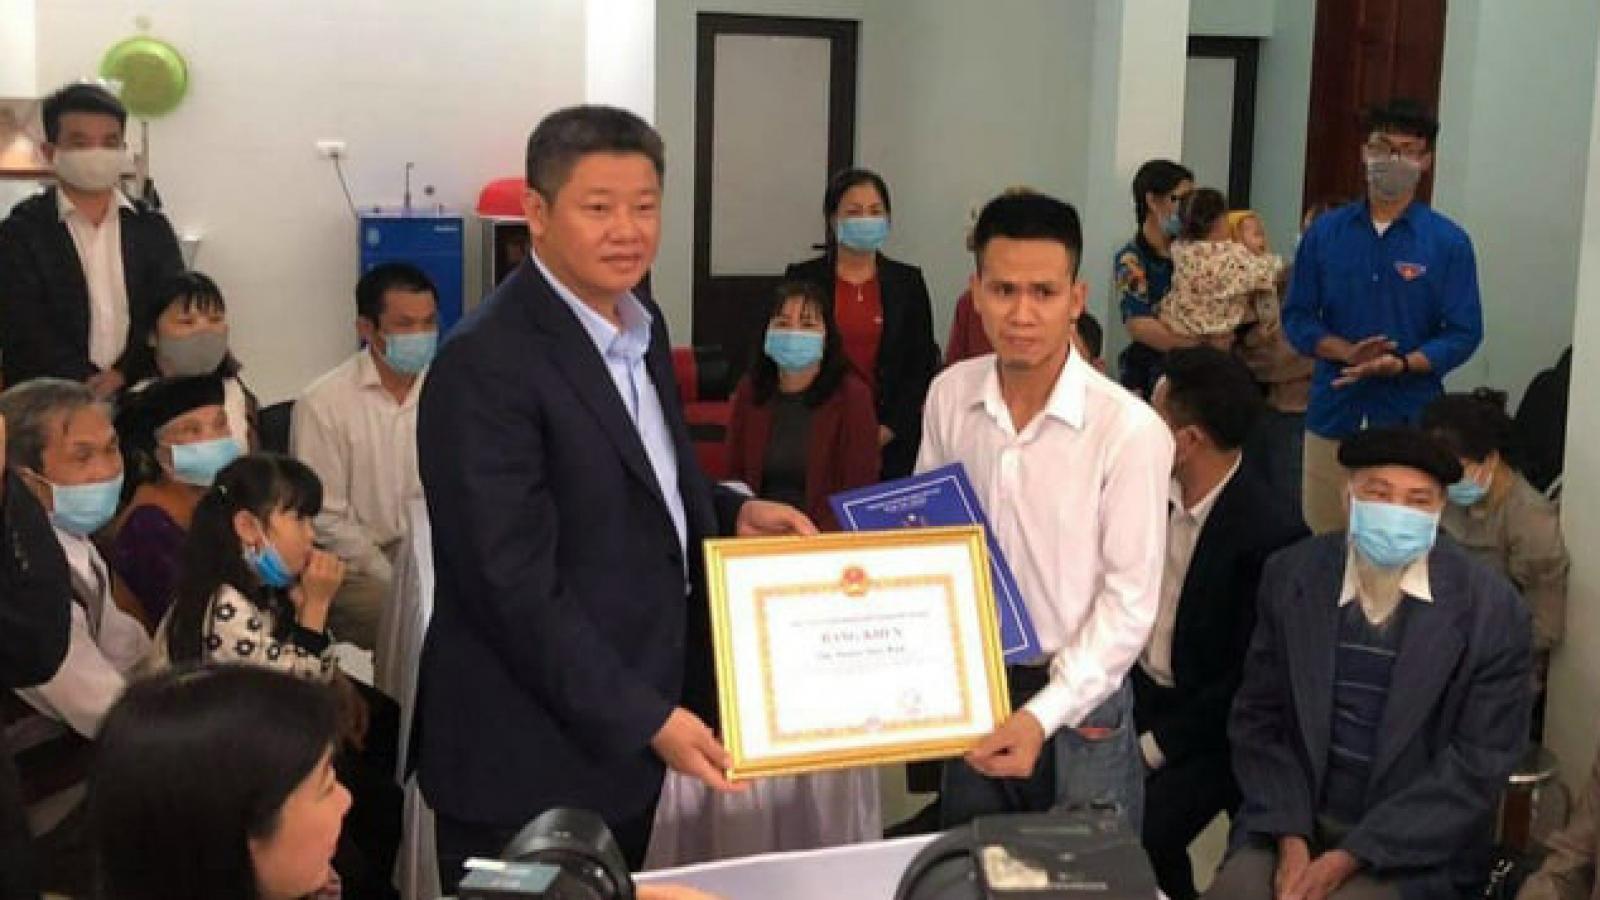 Trao Thư khen và Bằng khen của lãnh đạo TP Hà Nội cho anh Nguyễn Ngọc Mạnh